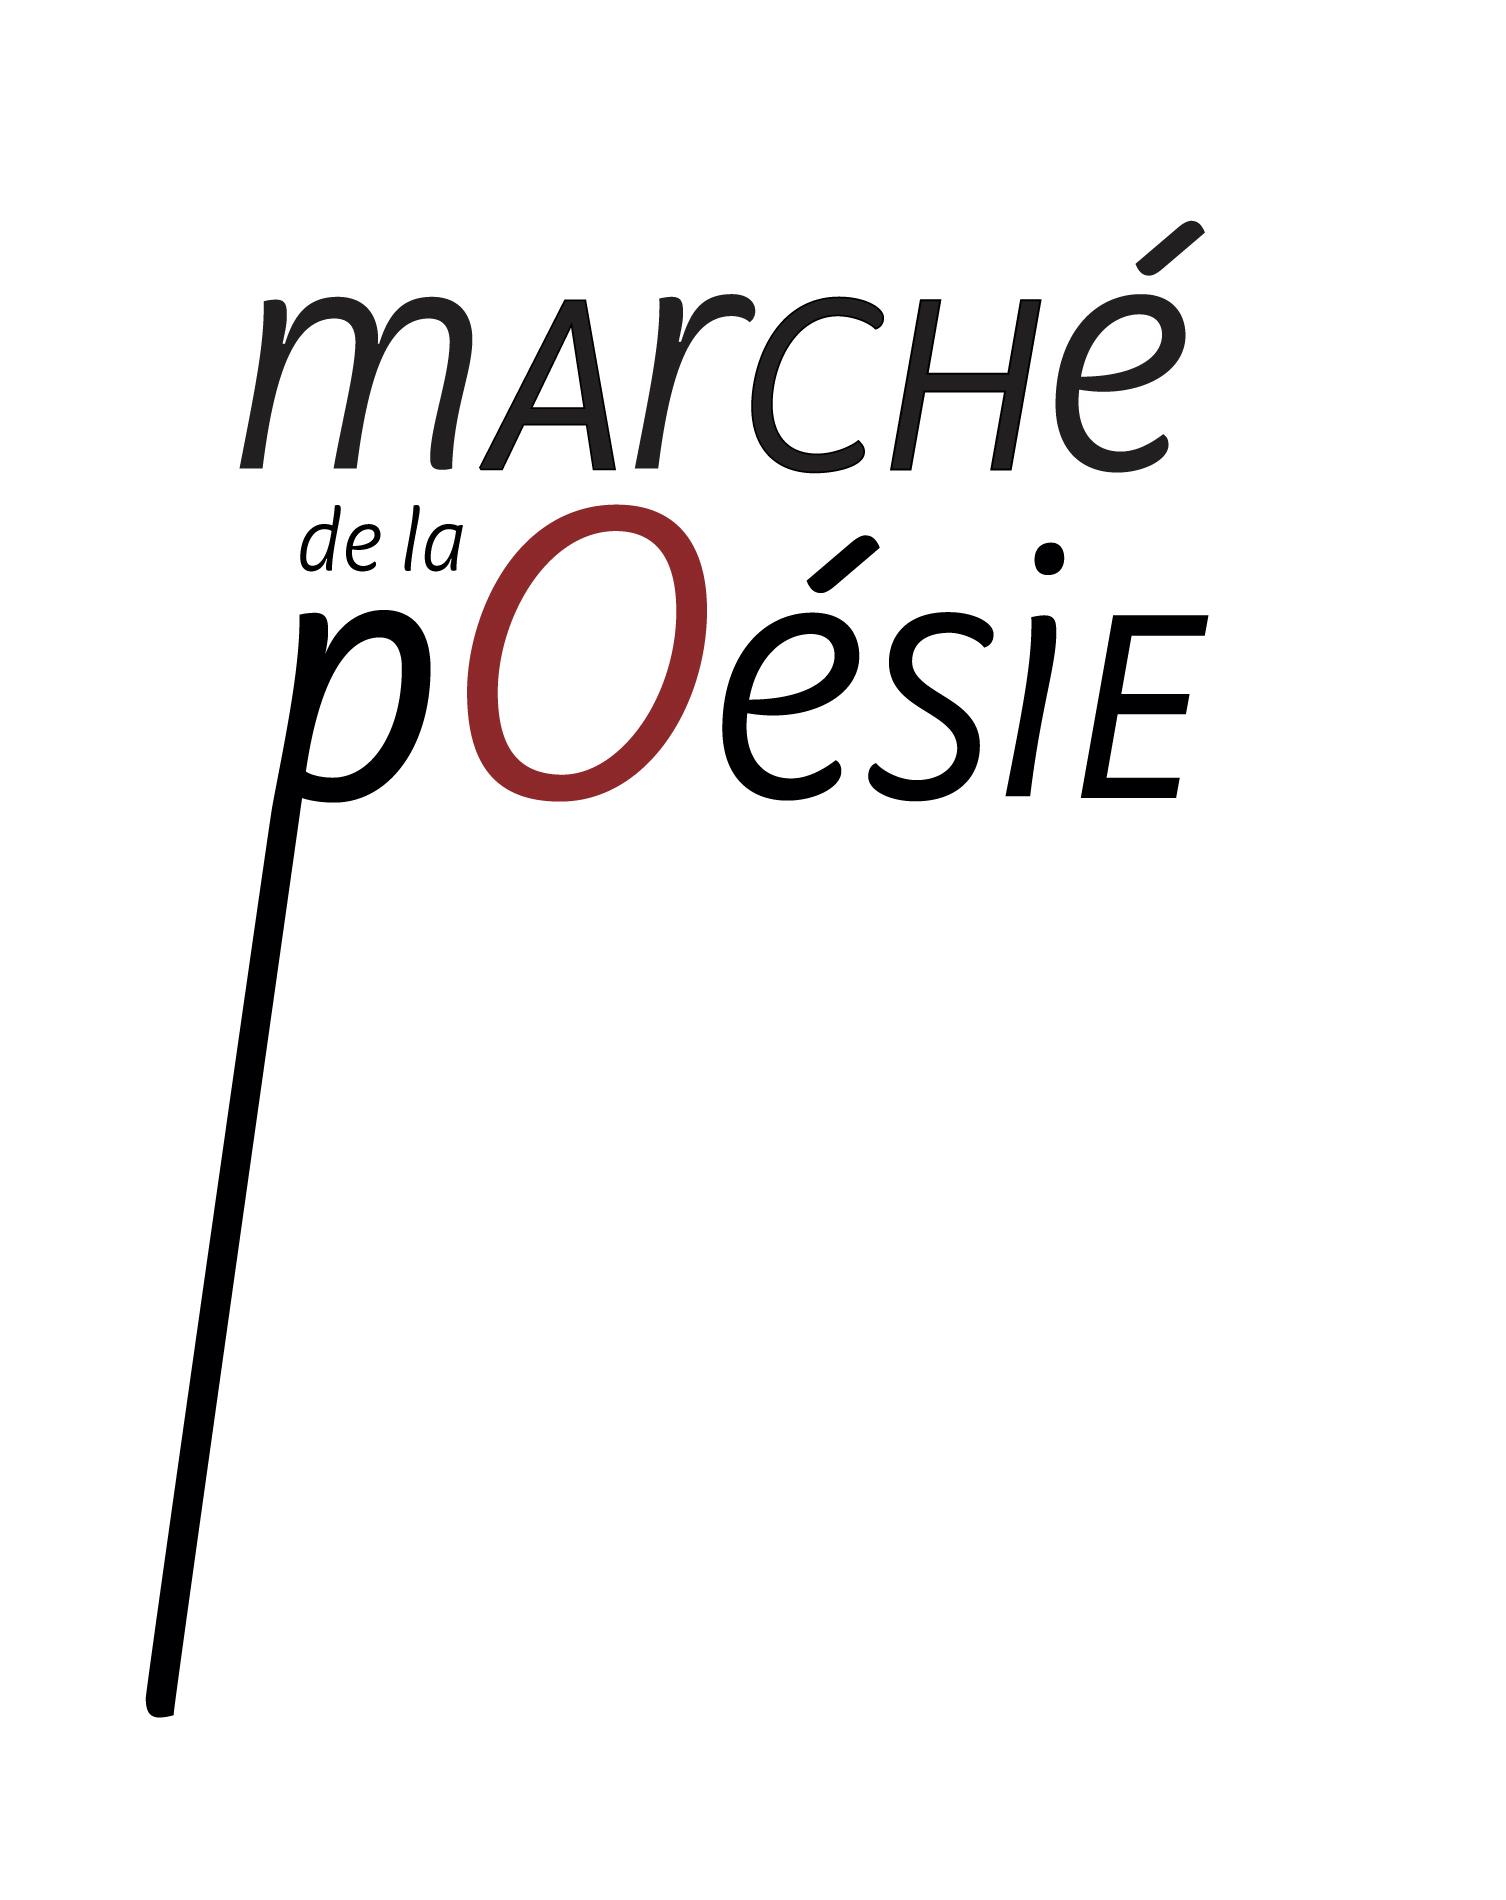 Marché-Poésie-logo-haut